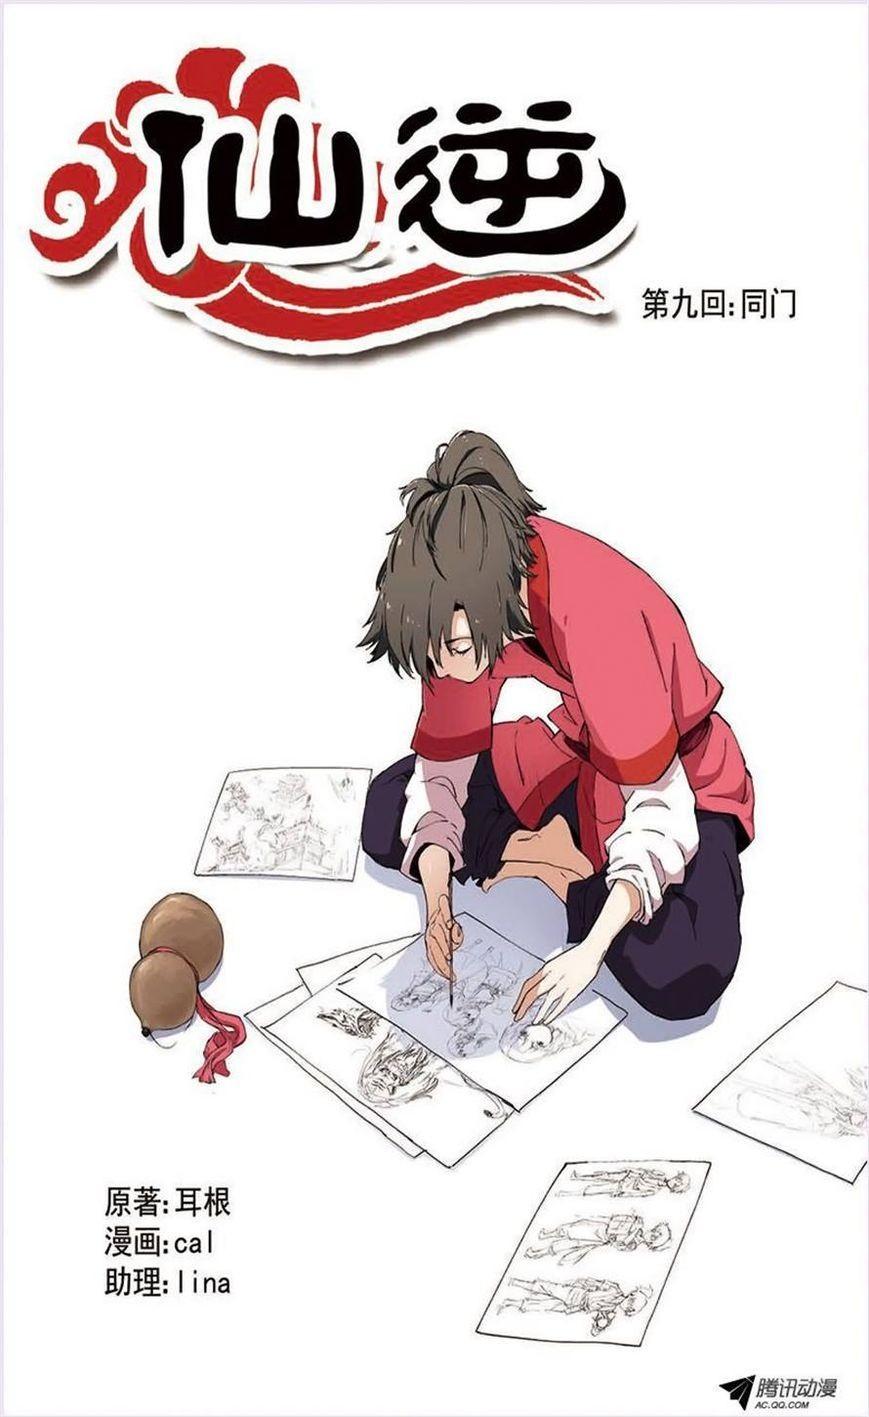 http://c5.ninemanga.com/es_manga/45/16237/390964/add217938e07bb1fd8796e0315b88c10.jpg Page 3